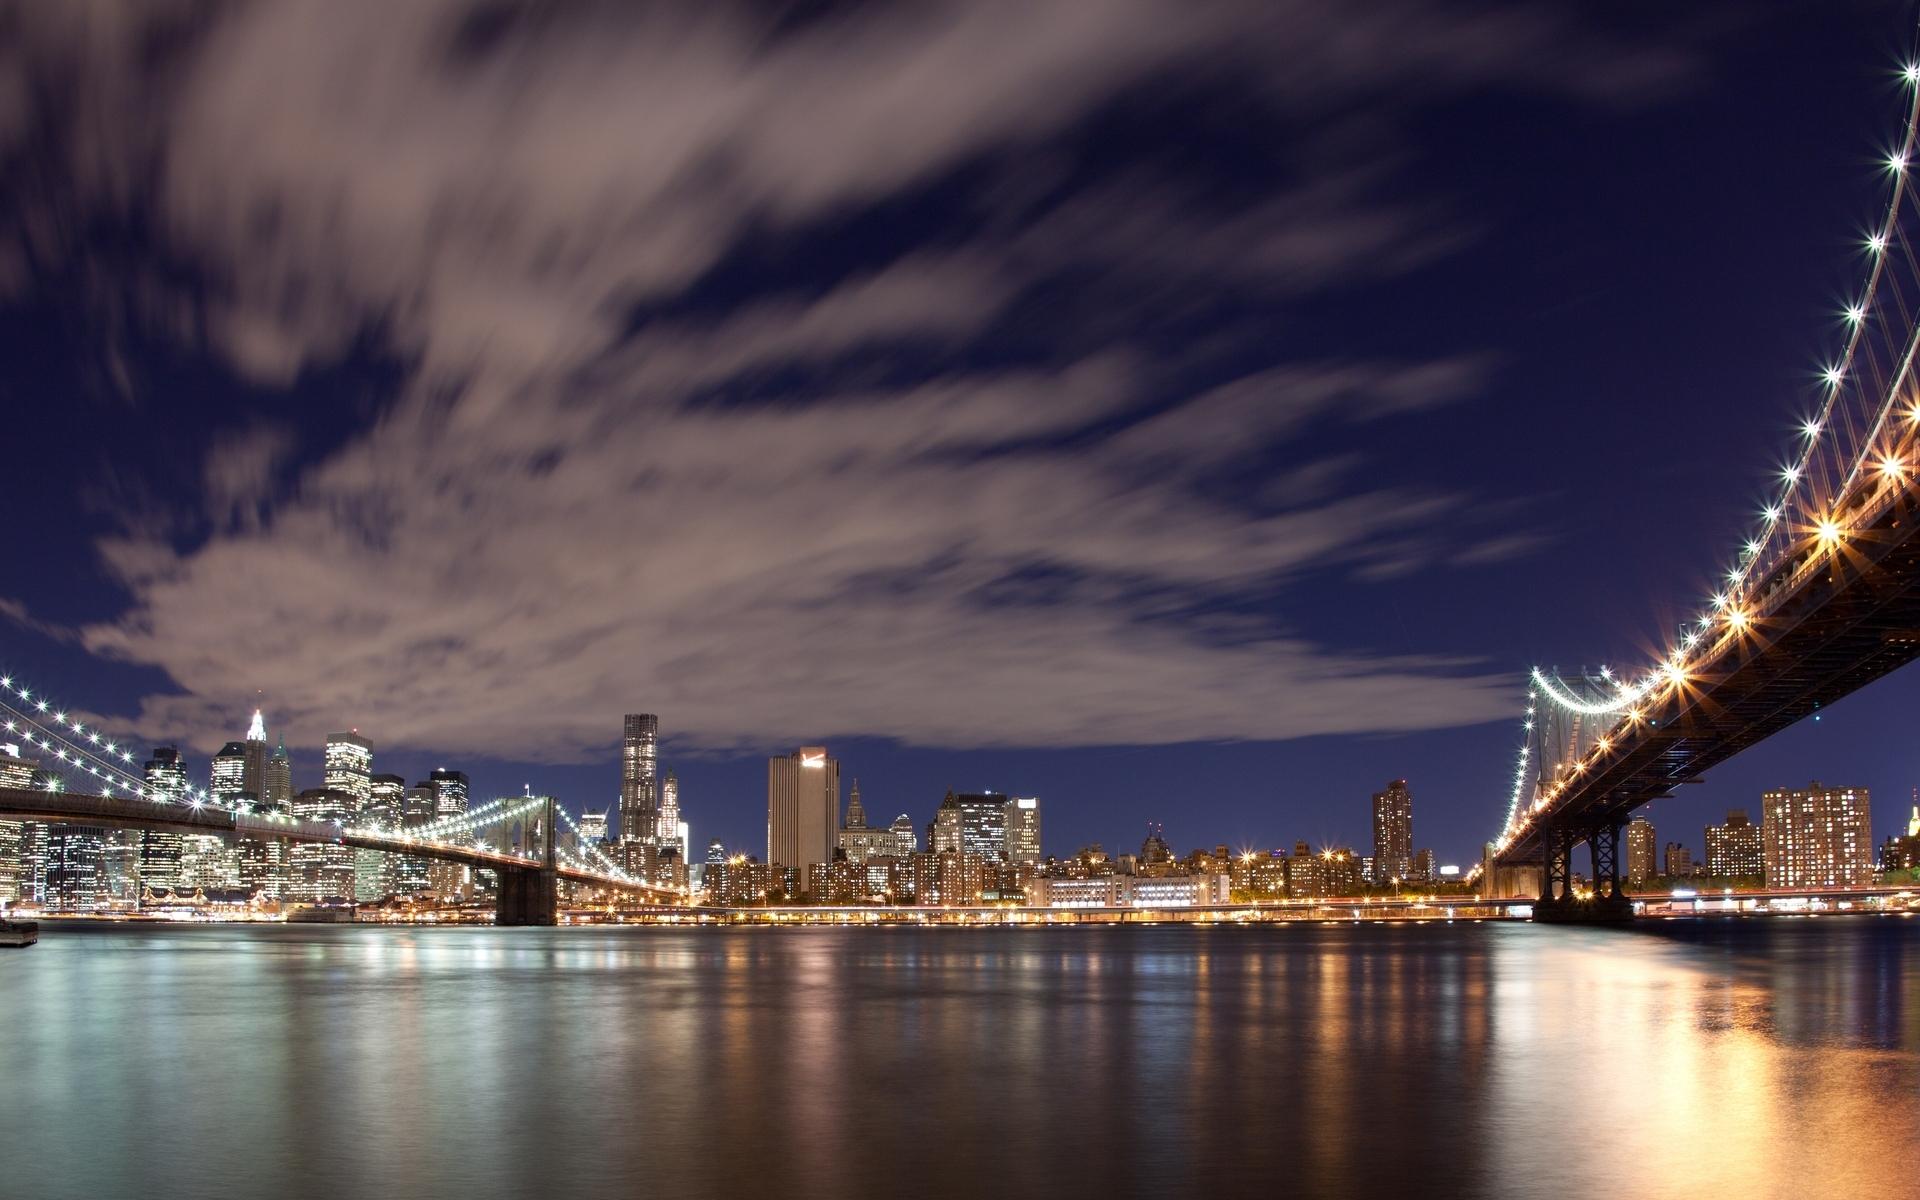 40811 скачать обои Пейзаж, Города, Мосты - заставки и картинки бесплатно